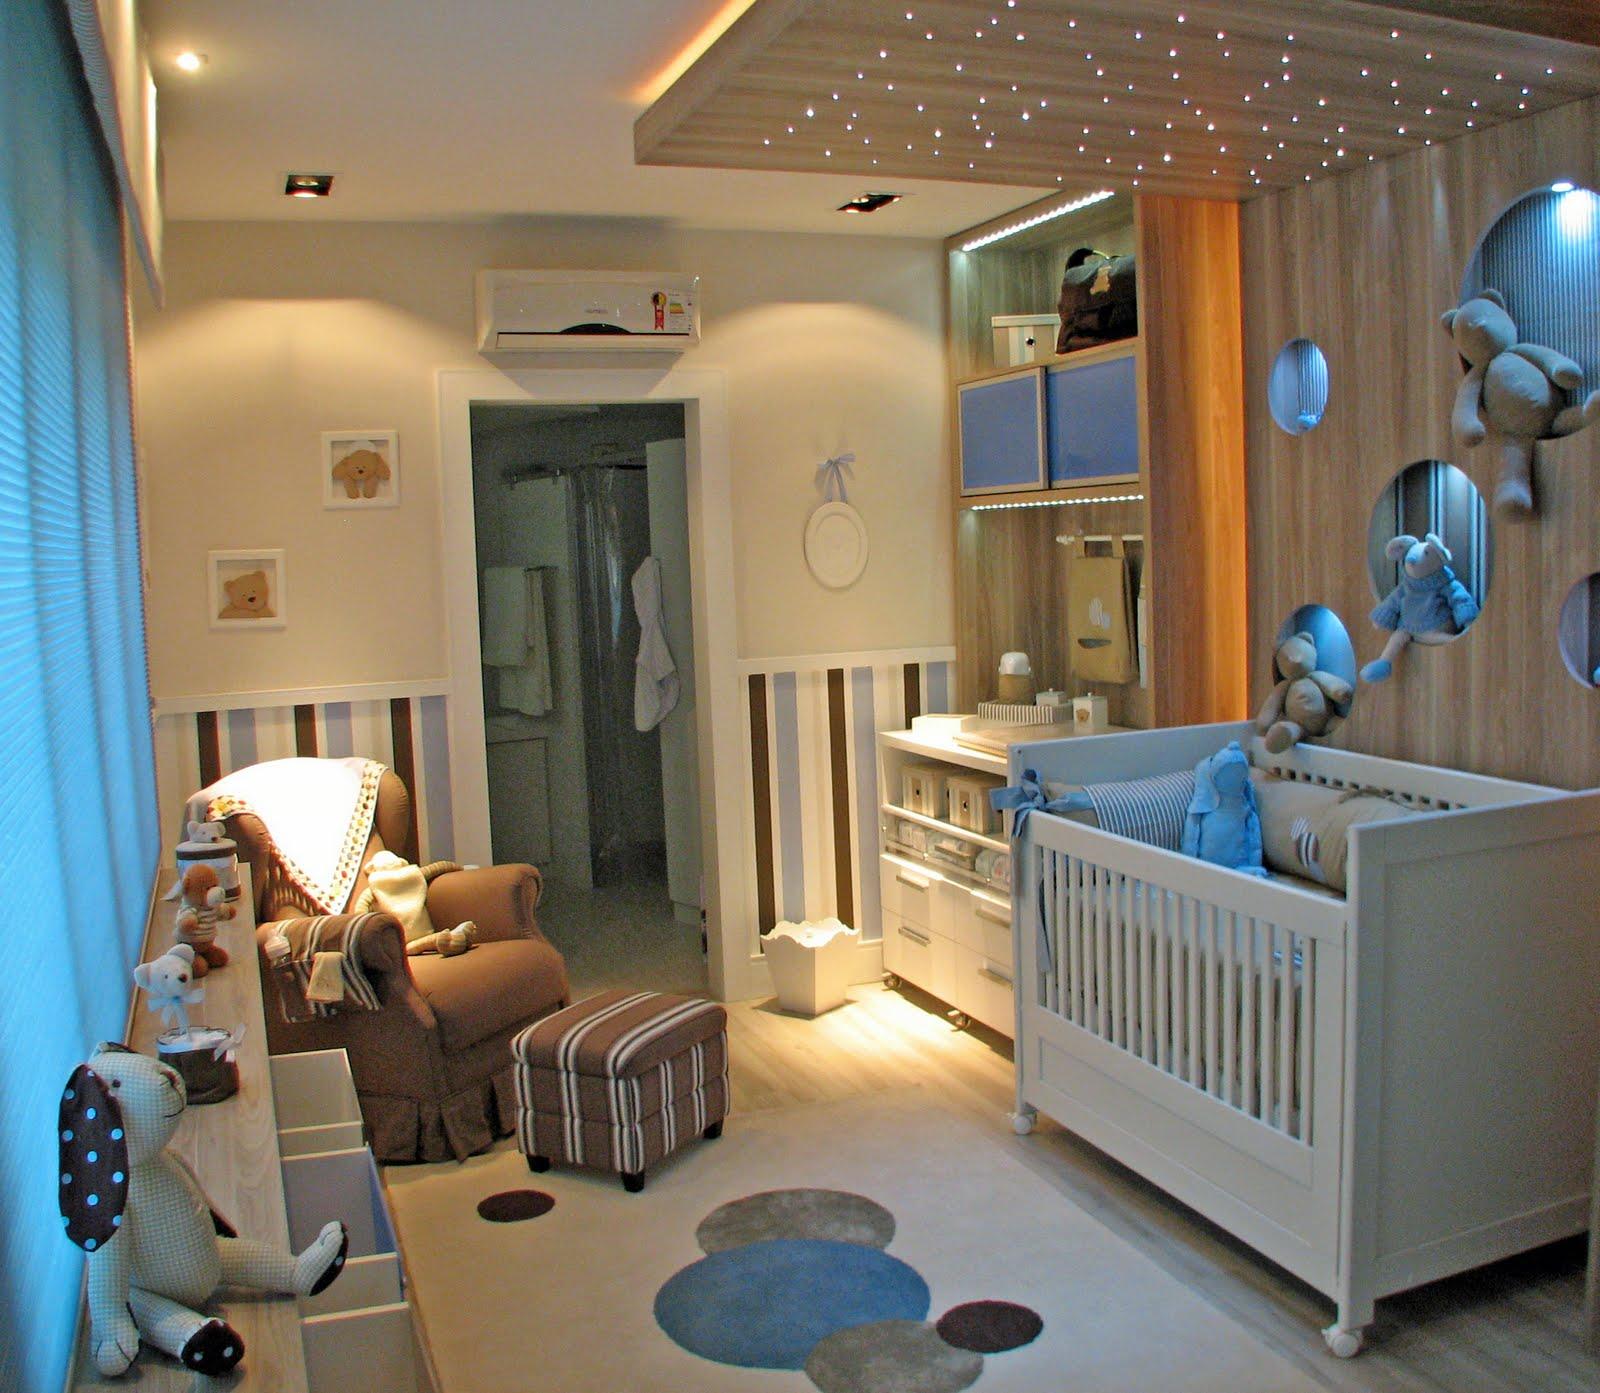 decoracao quarto bebe pequenos ambientes : decoracao quarto bebe pequenos ambientes:Amor de Mãe: Decoração do quarto do bebê